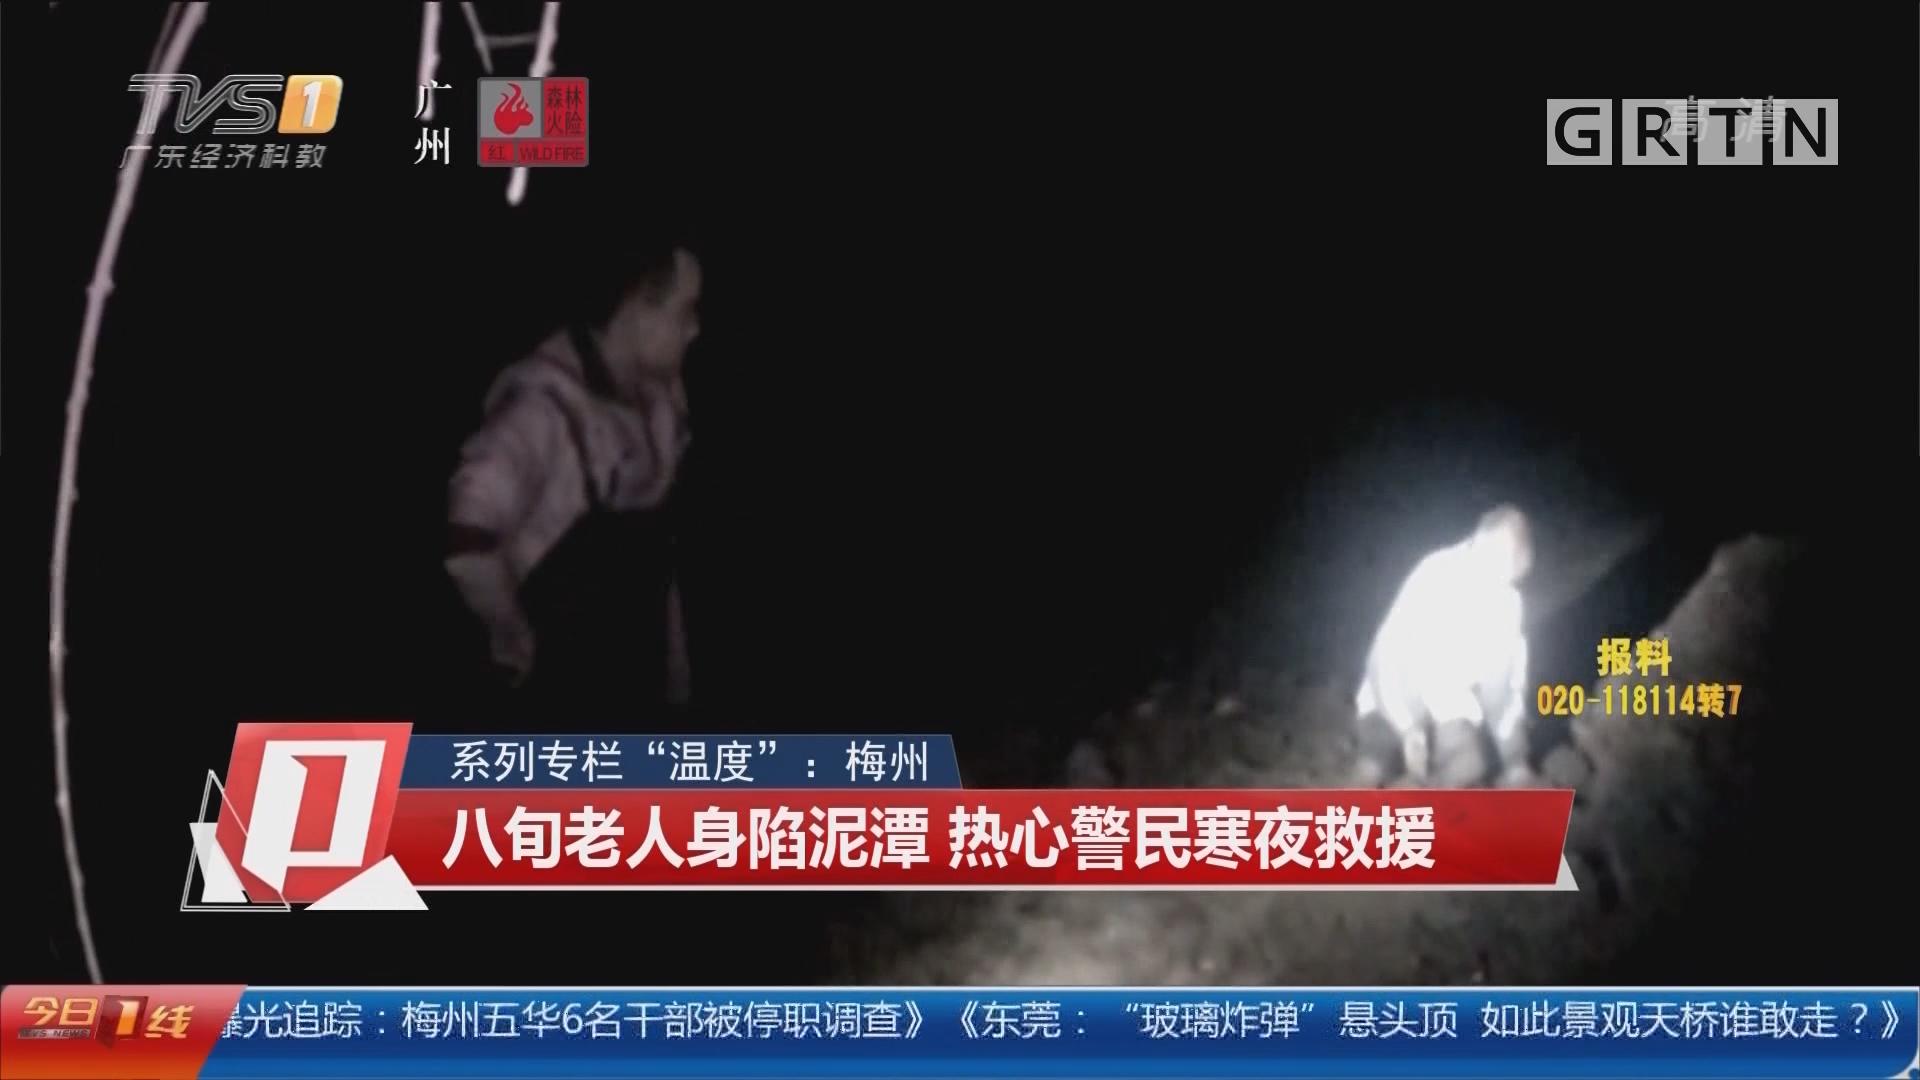 """系列专栏""""温度"""":梅州 八旬老人身陷泥潭 热心警民寒夜救援"""